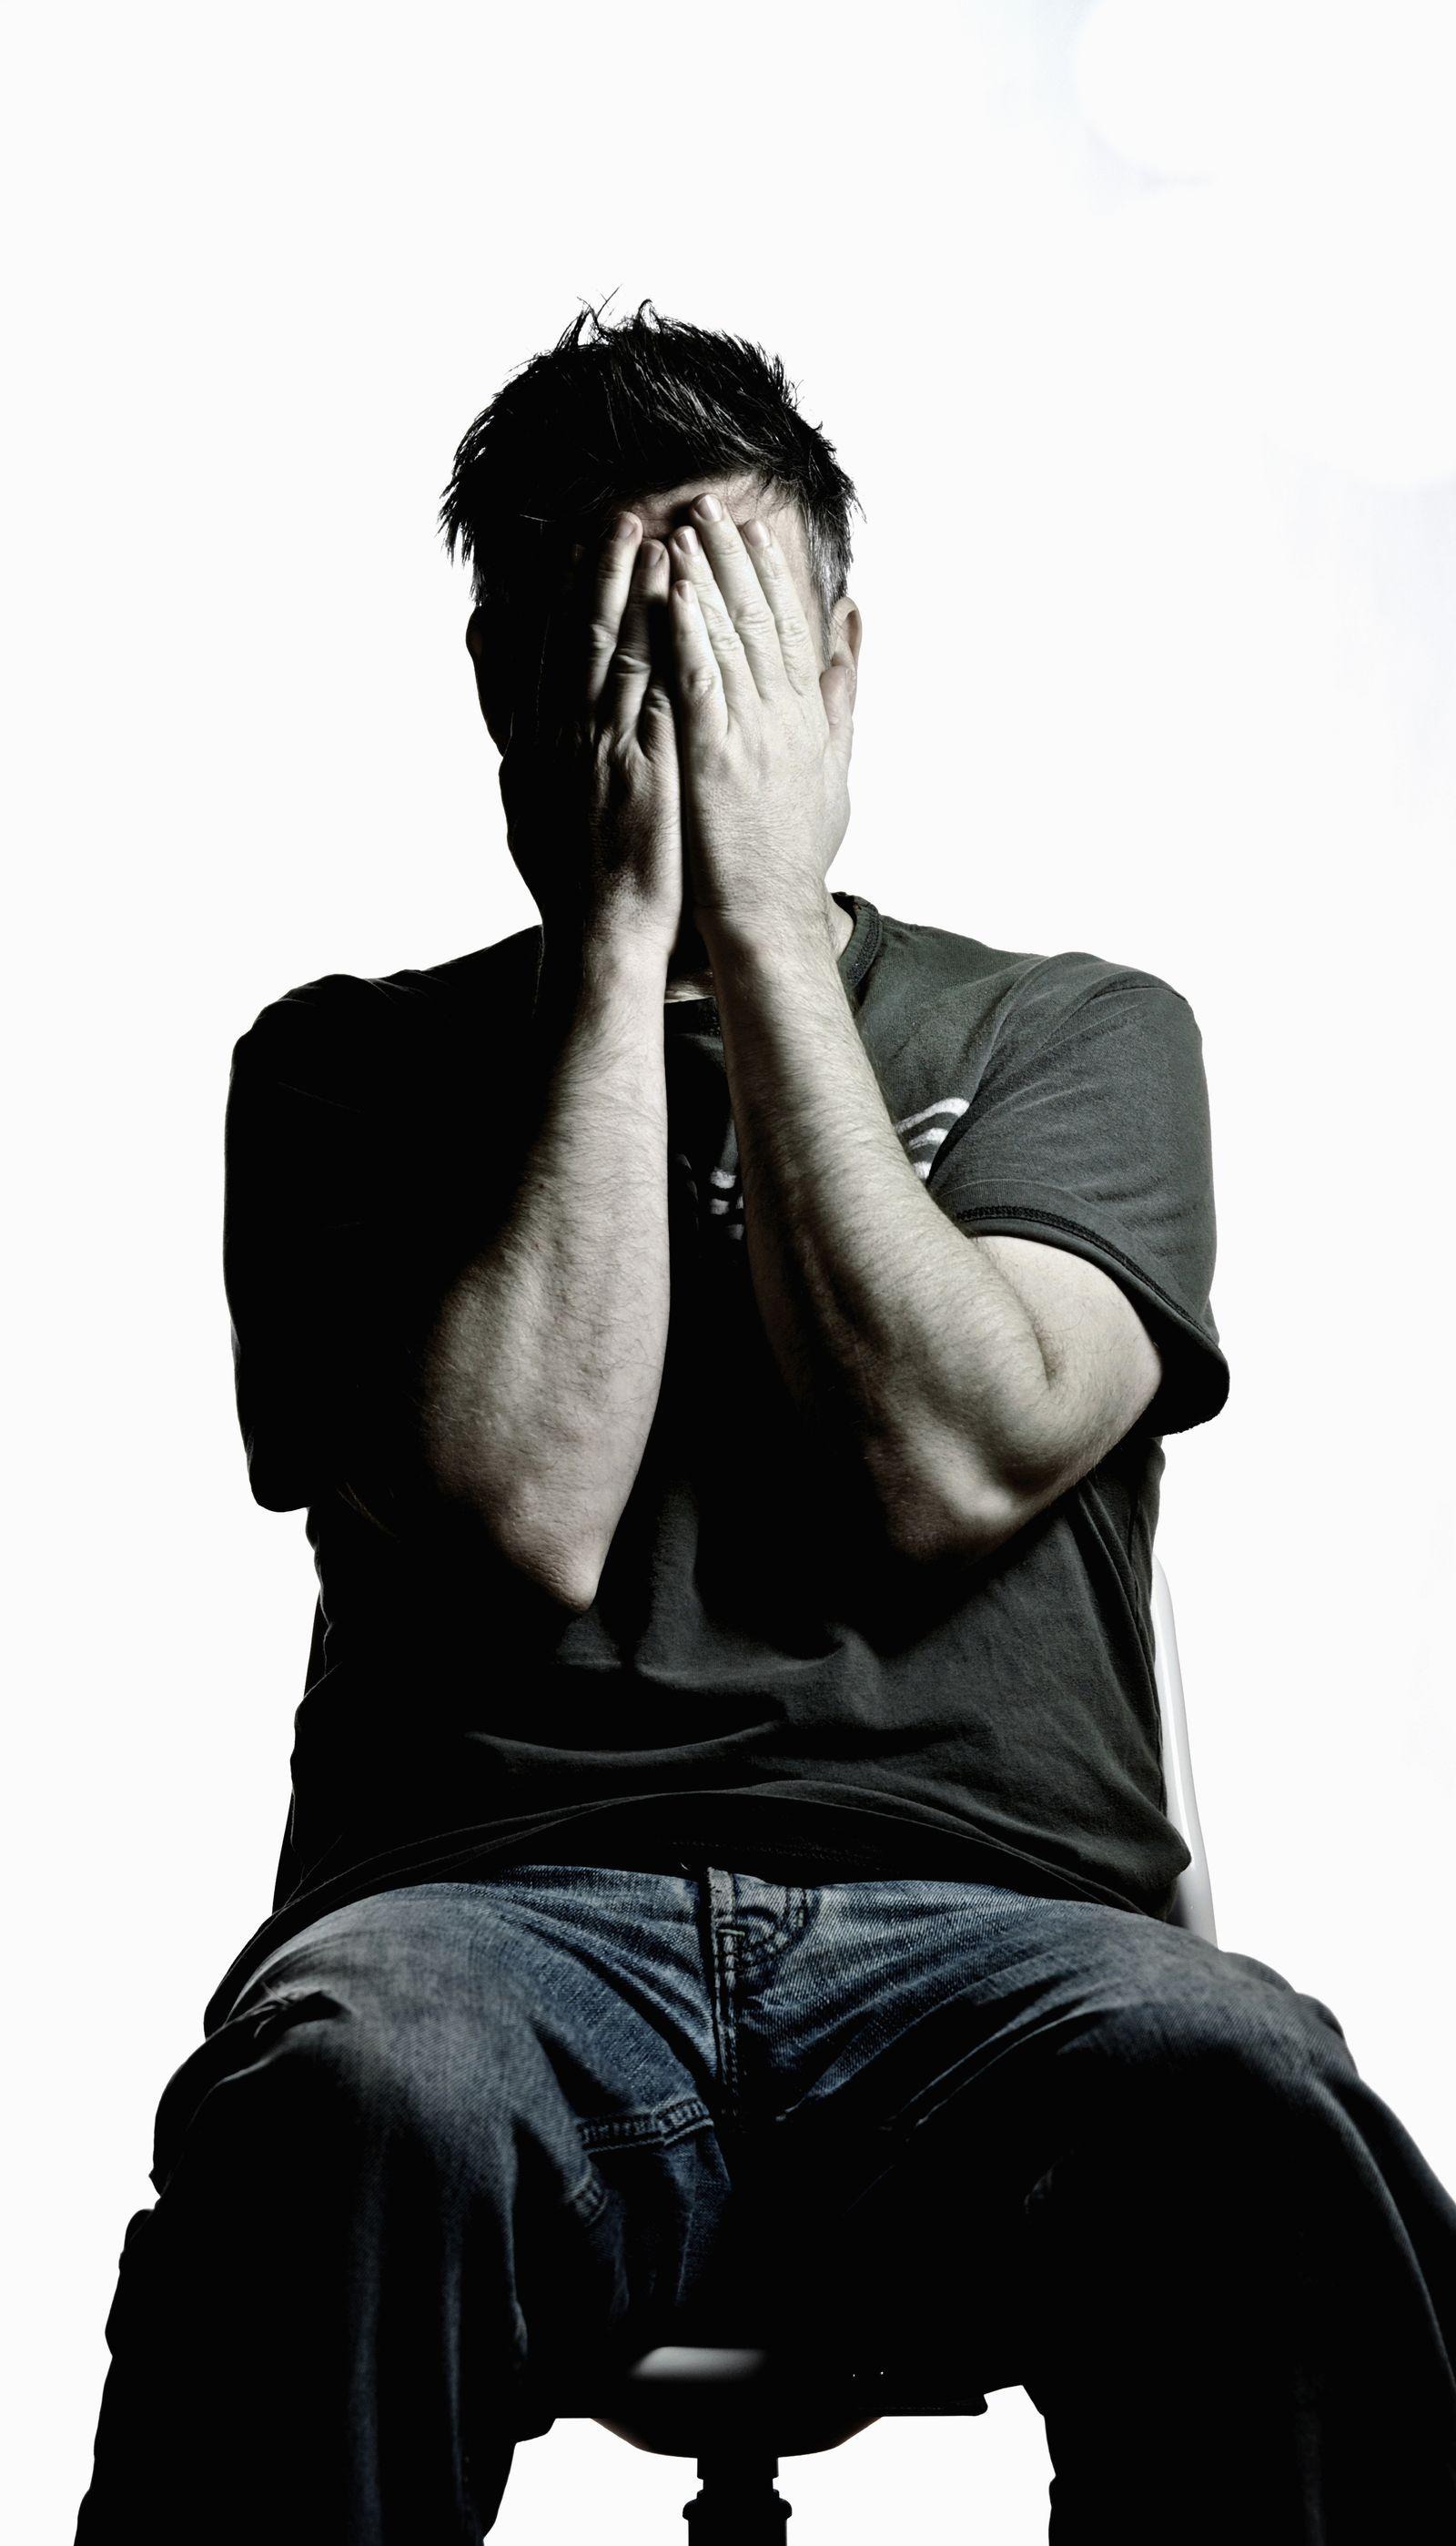 NICHT MEHR VERWENDEN! - Depression / Niedergeschlagenheit / Verzweiflung